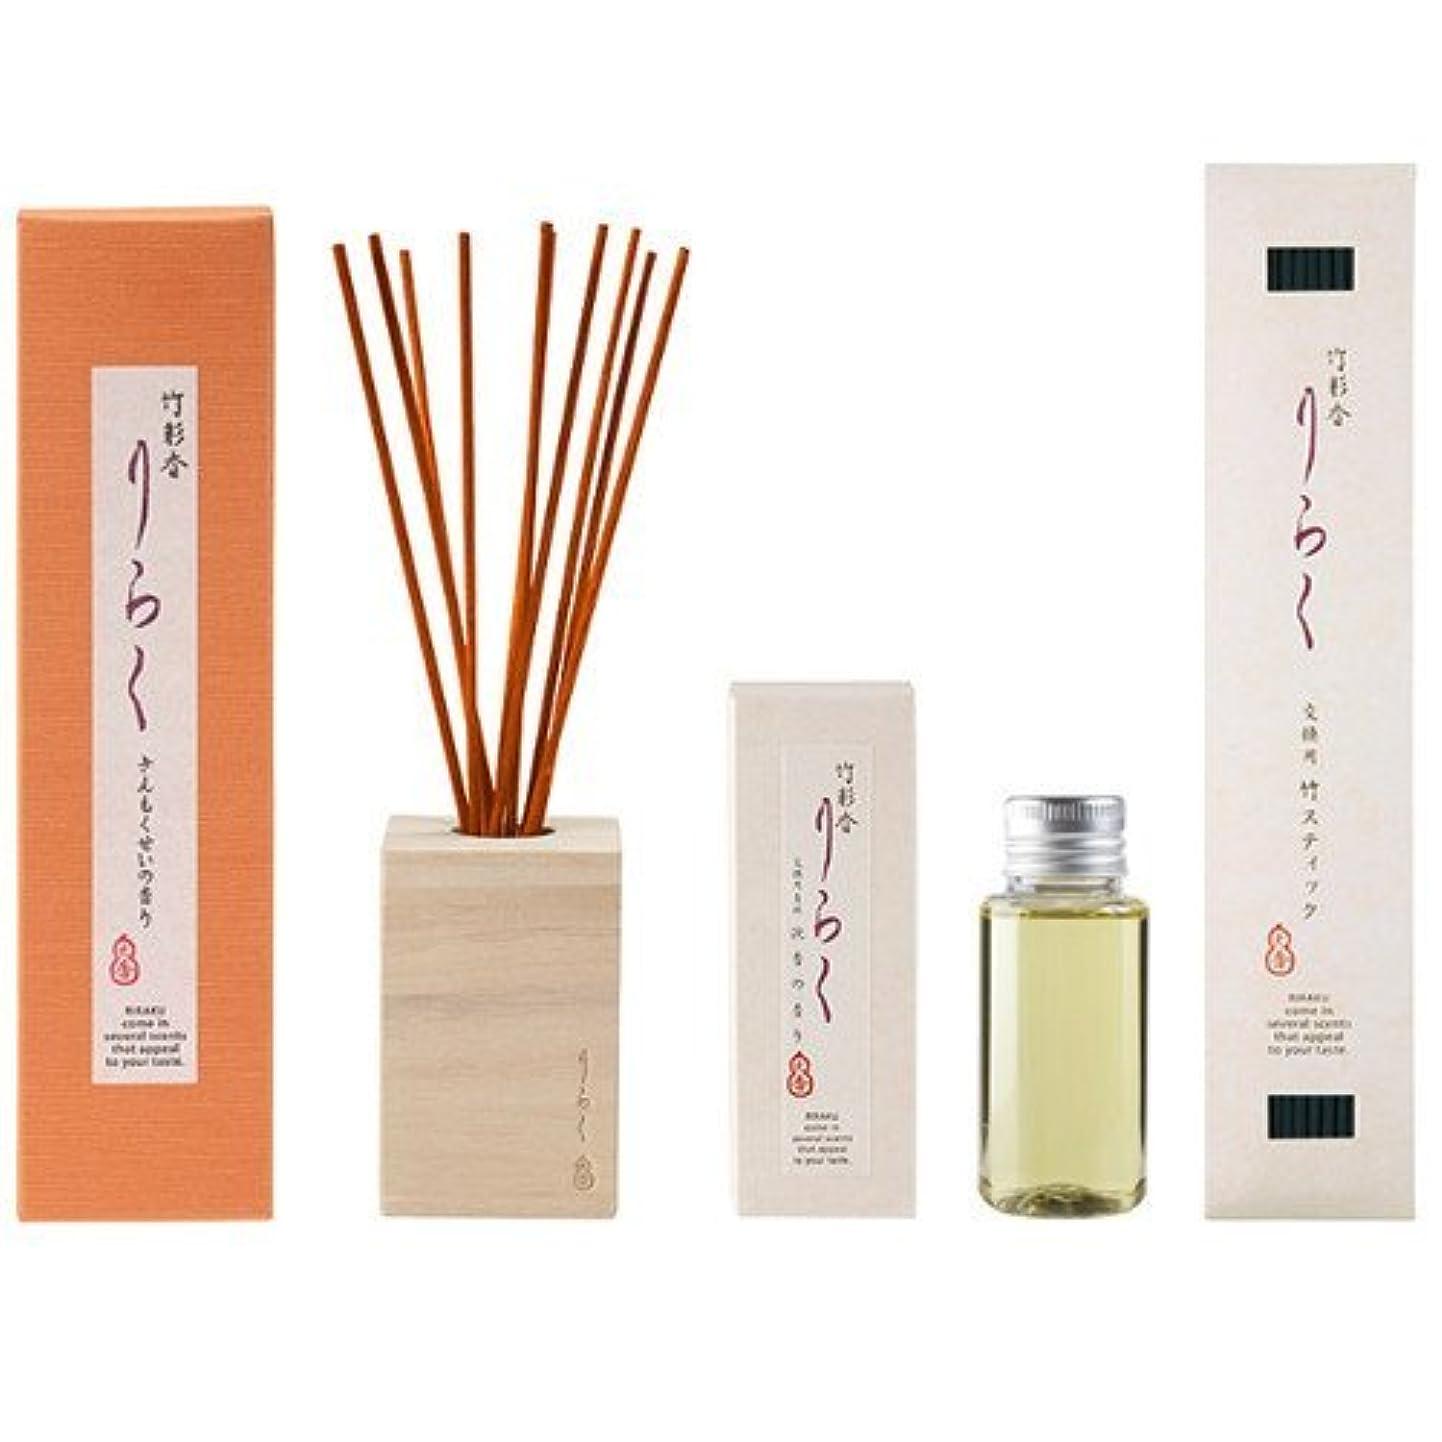 失望させる皮肉な誘う大香 竹彩香 りらく きんもくせい 50ml と 交換用 きんもくせい、交換用竹スティック きんもくせいの色 セット